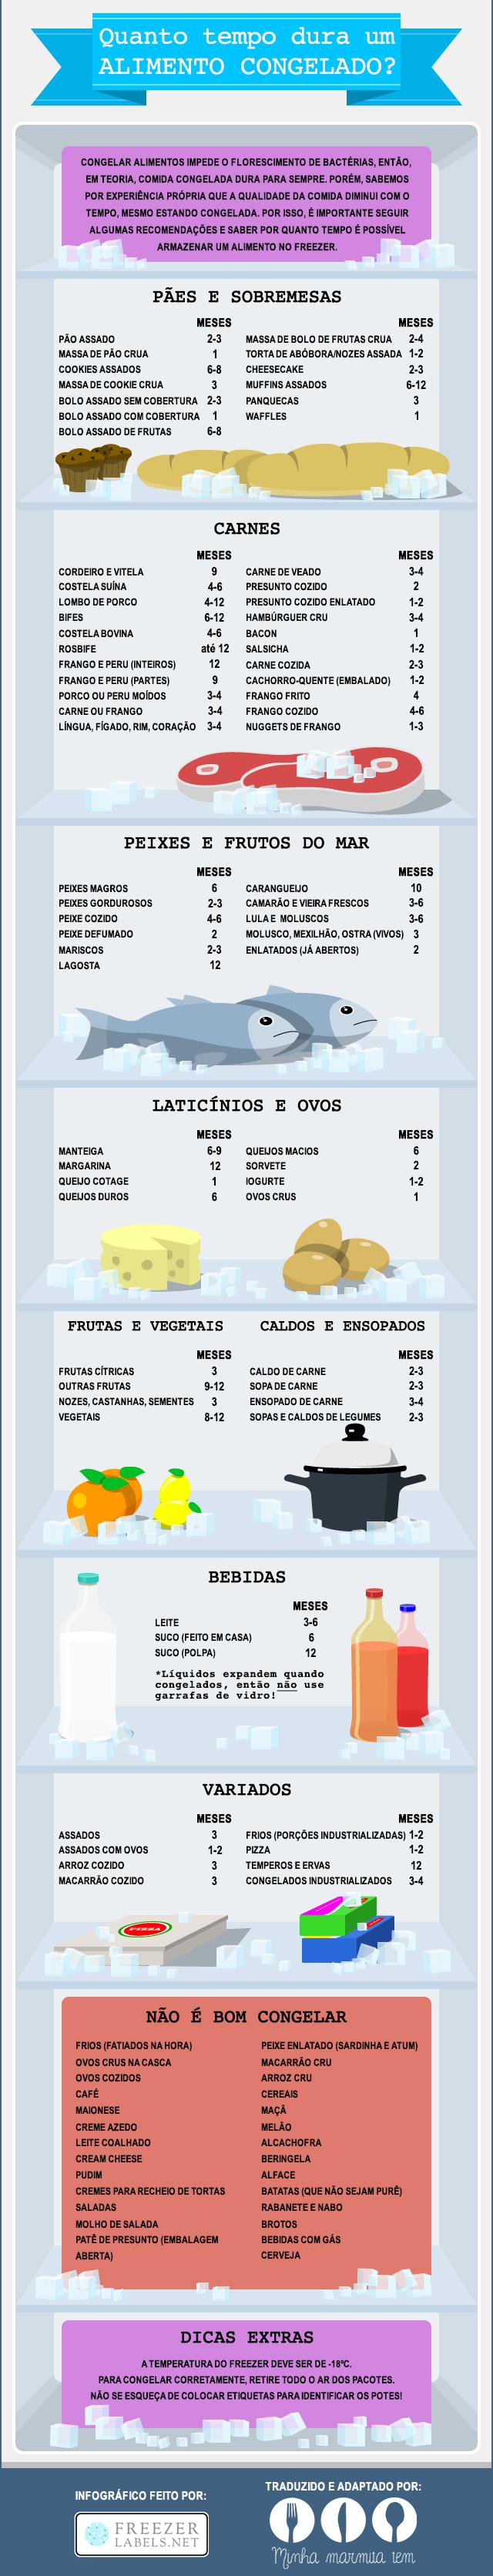 Quanto tempo dura um alimento congelado